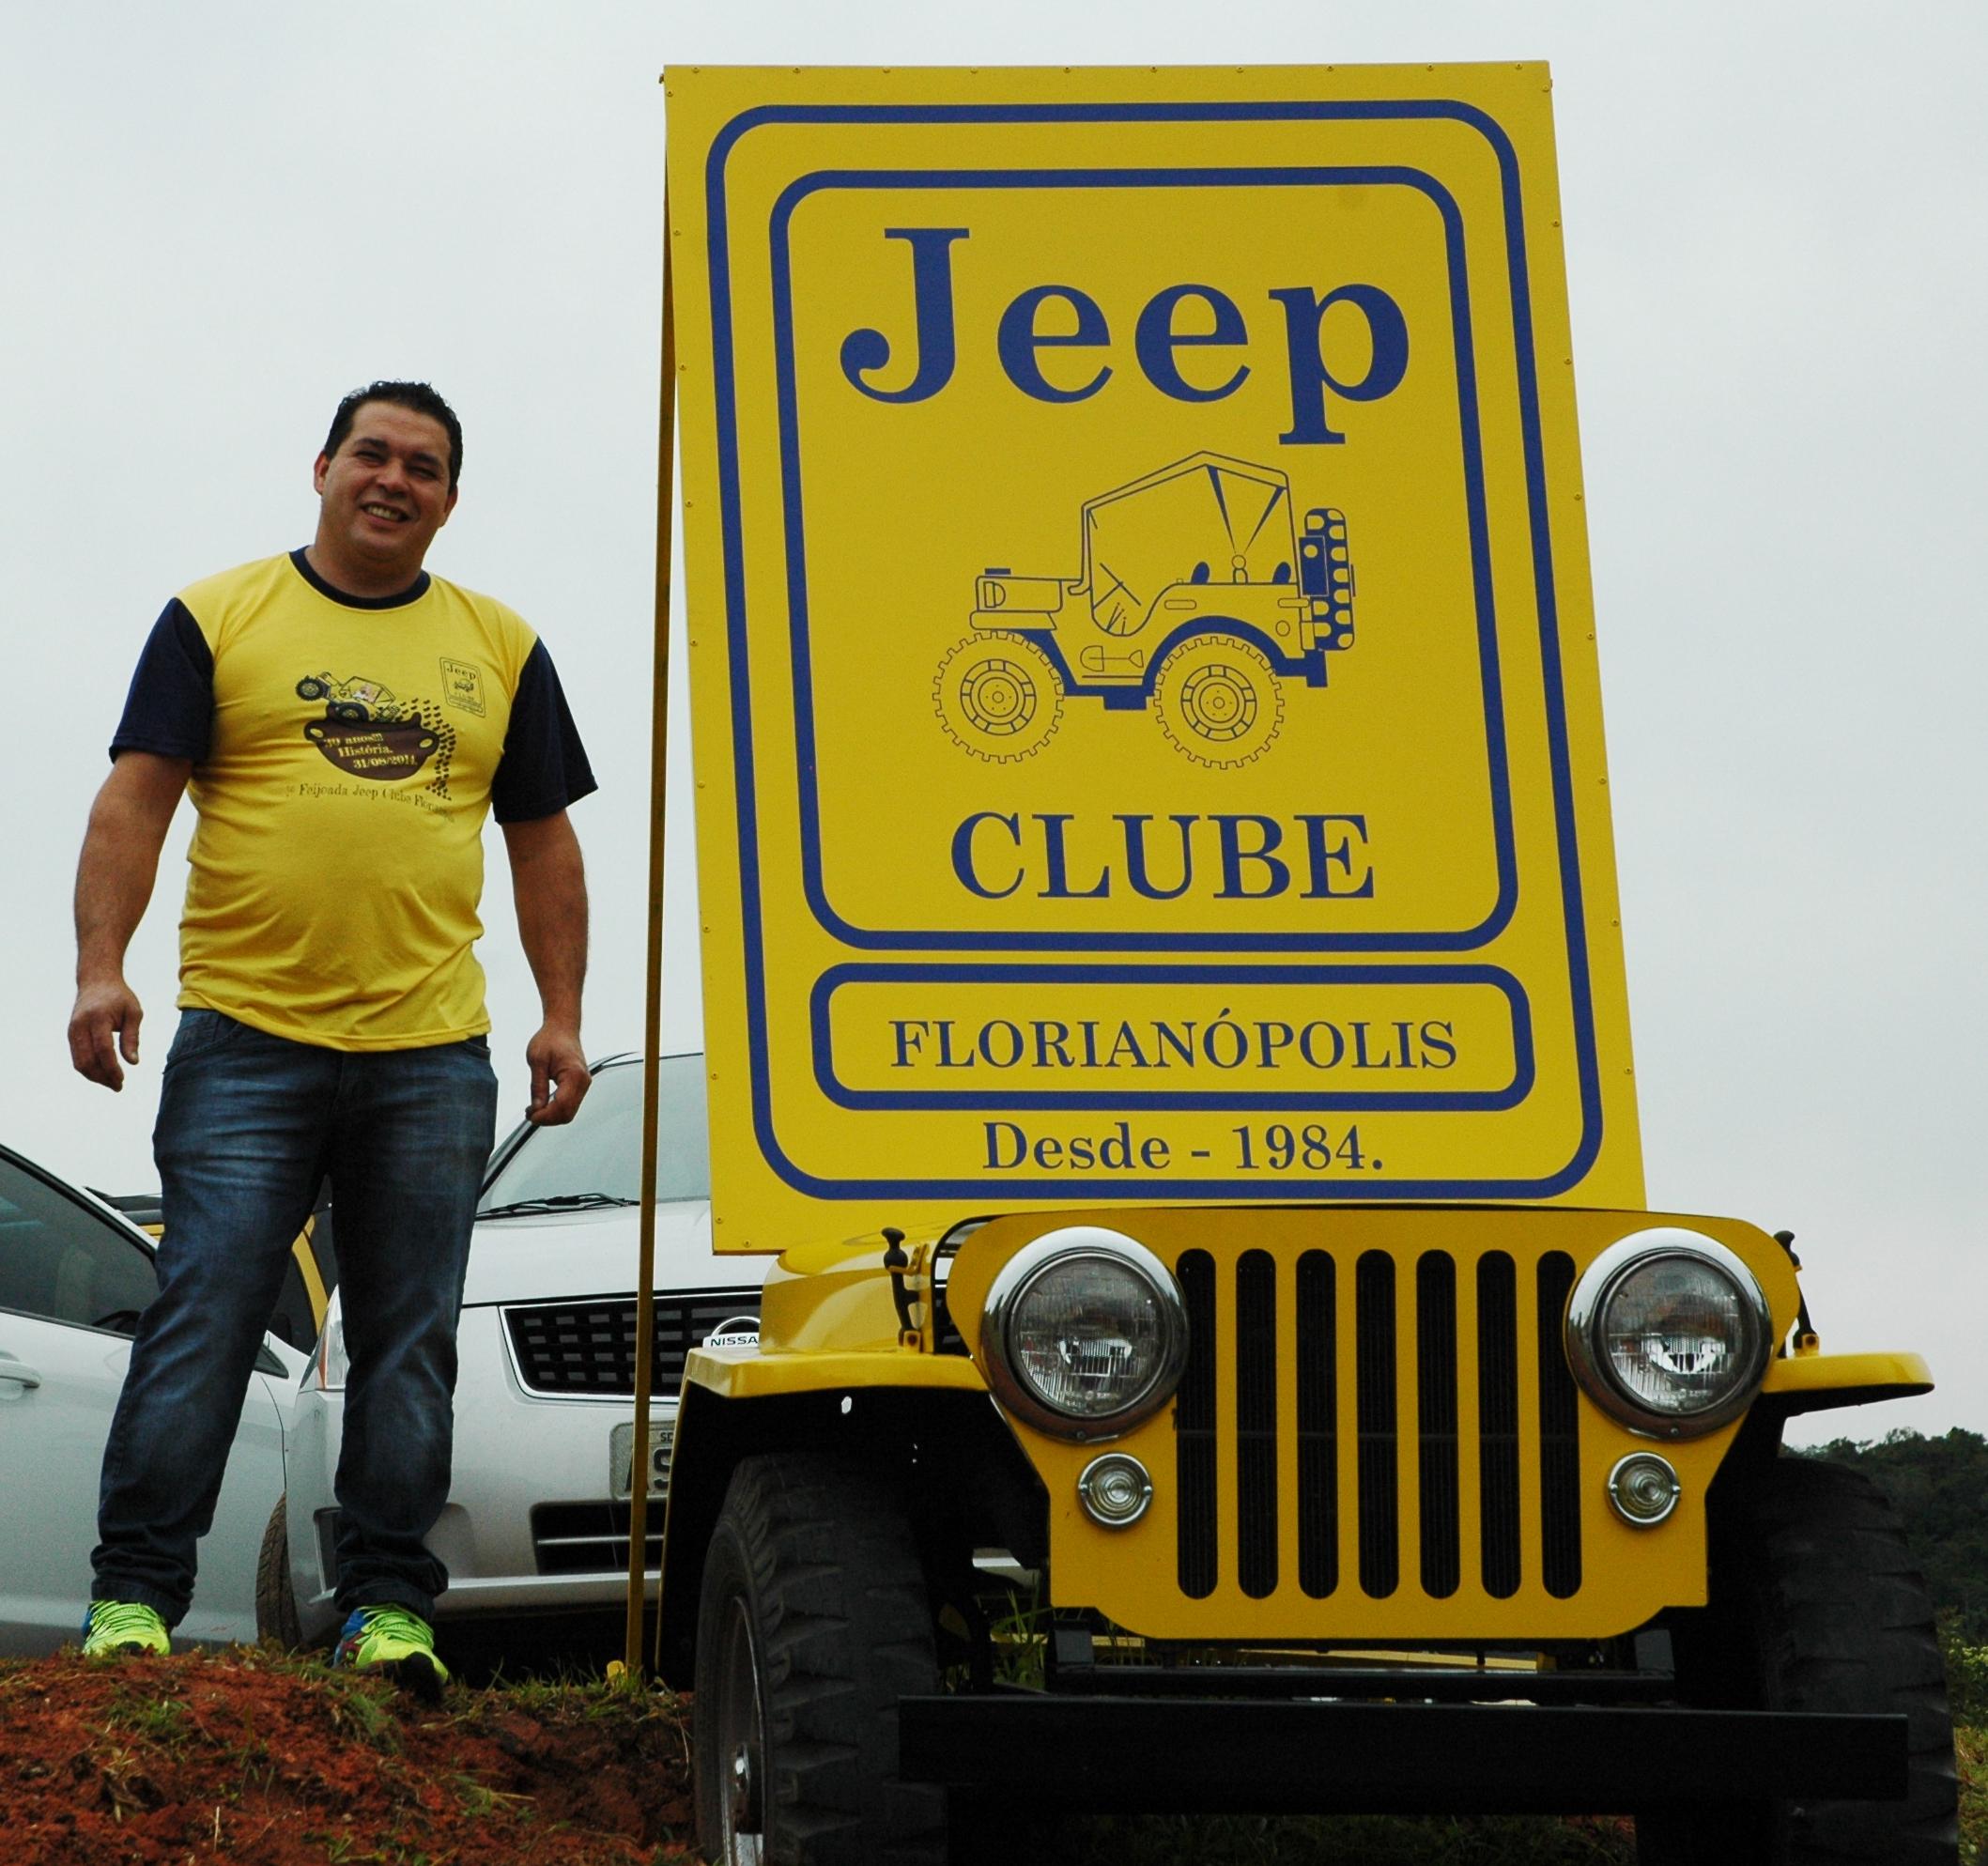 1º_Feijoada_Jeep_Clube_2014-__1.JPG